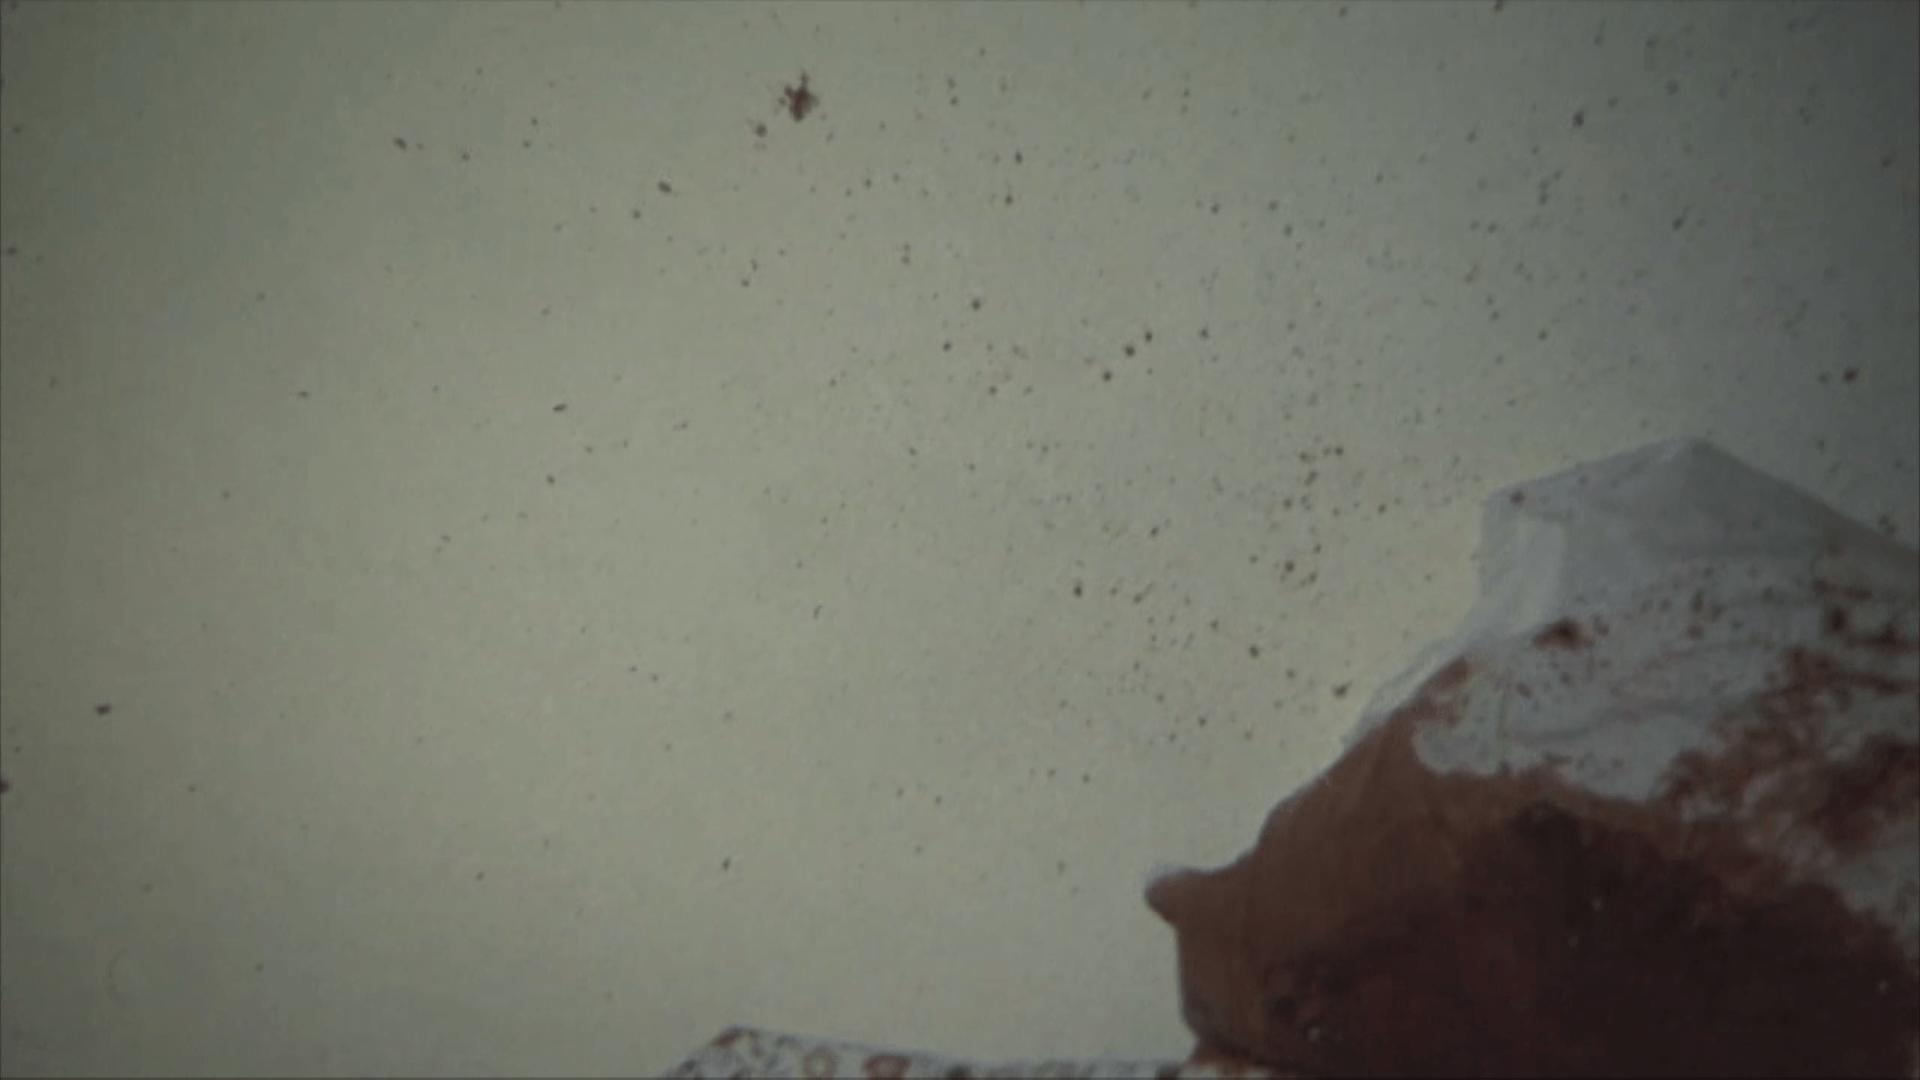 Blood splatter from Bob Crane's murder scene.